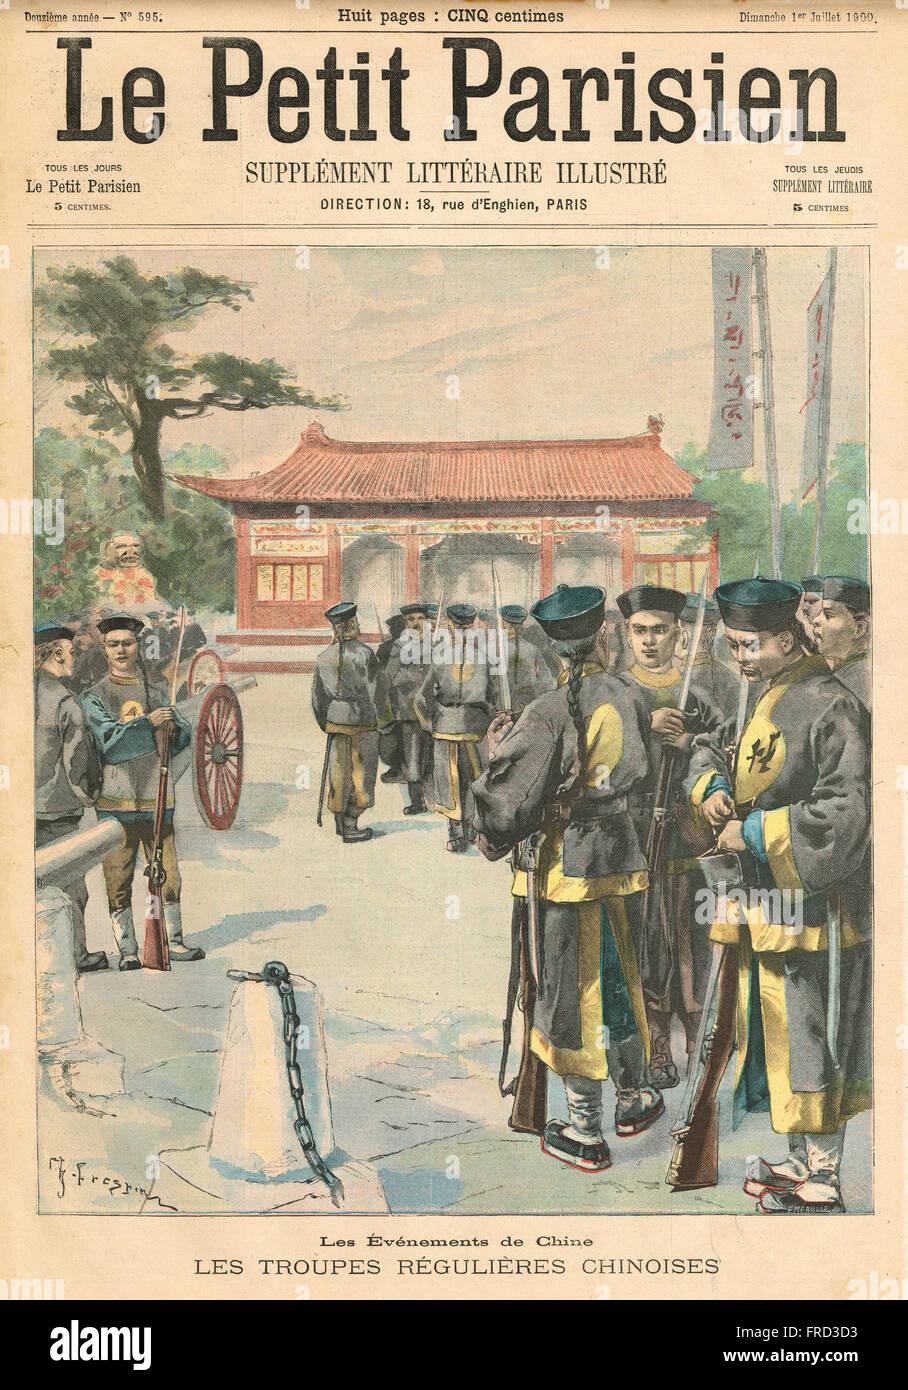 Veranstaltungen in China der regulären Armee 1900 Stockbild